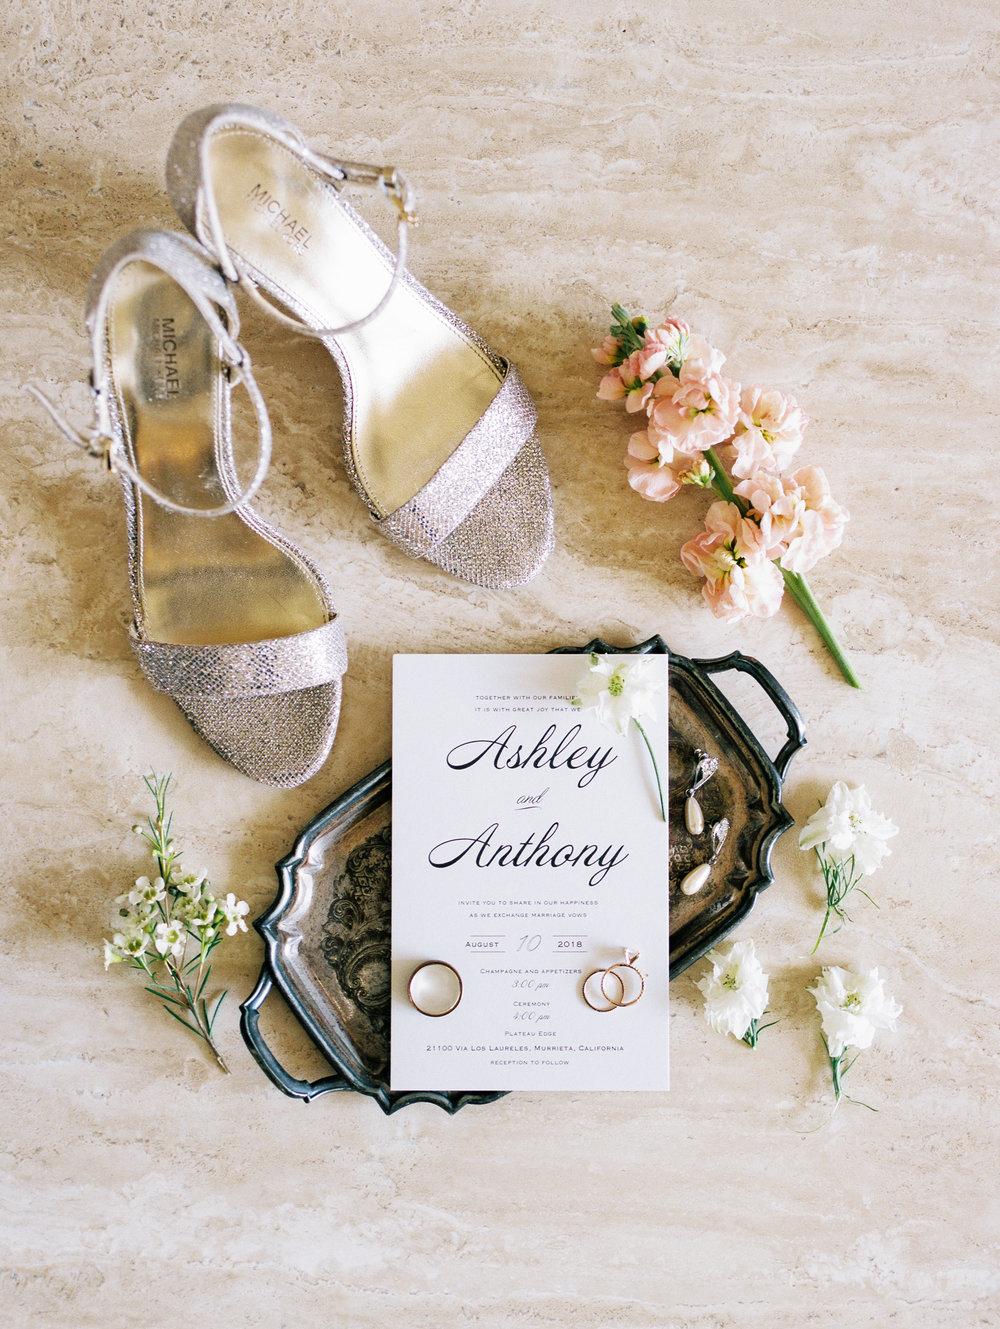 dennisroycoronel_ashleyanthony_vanessahudgens_austinbutler_wedding_losangeles_photographer-14.jpg